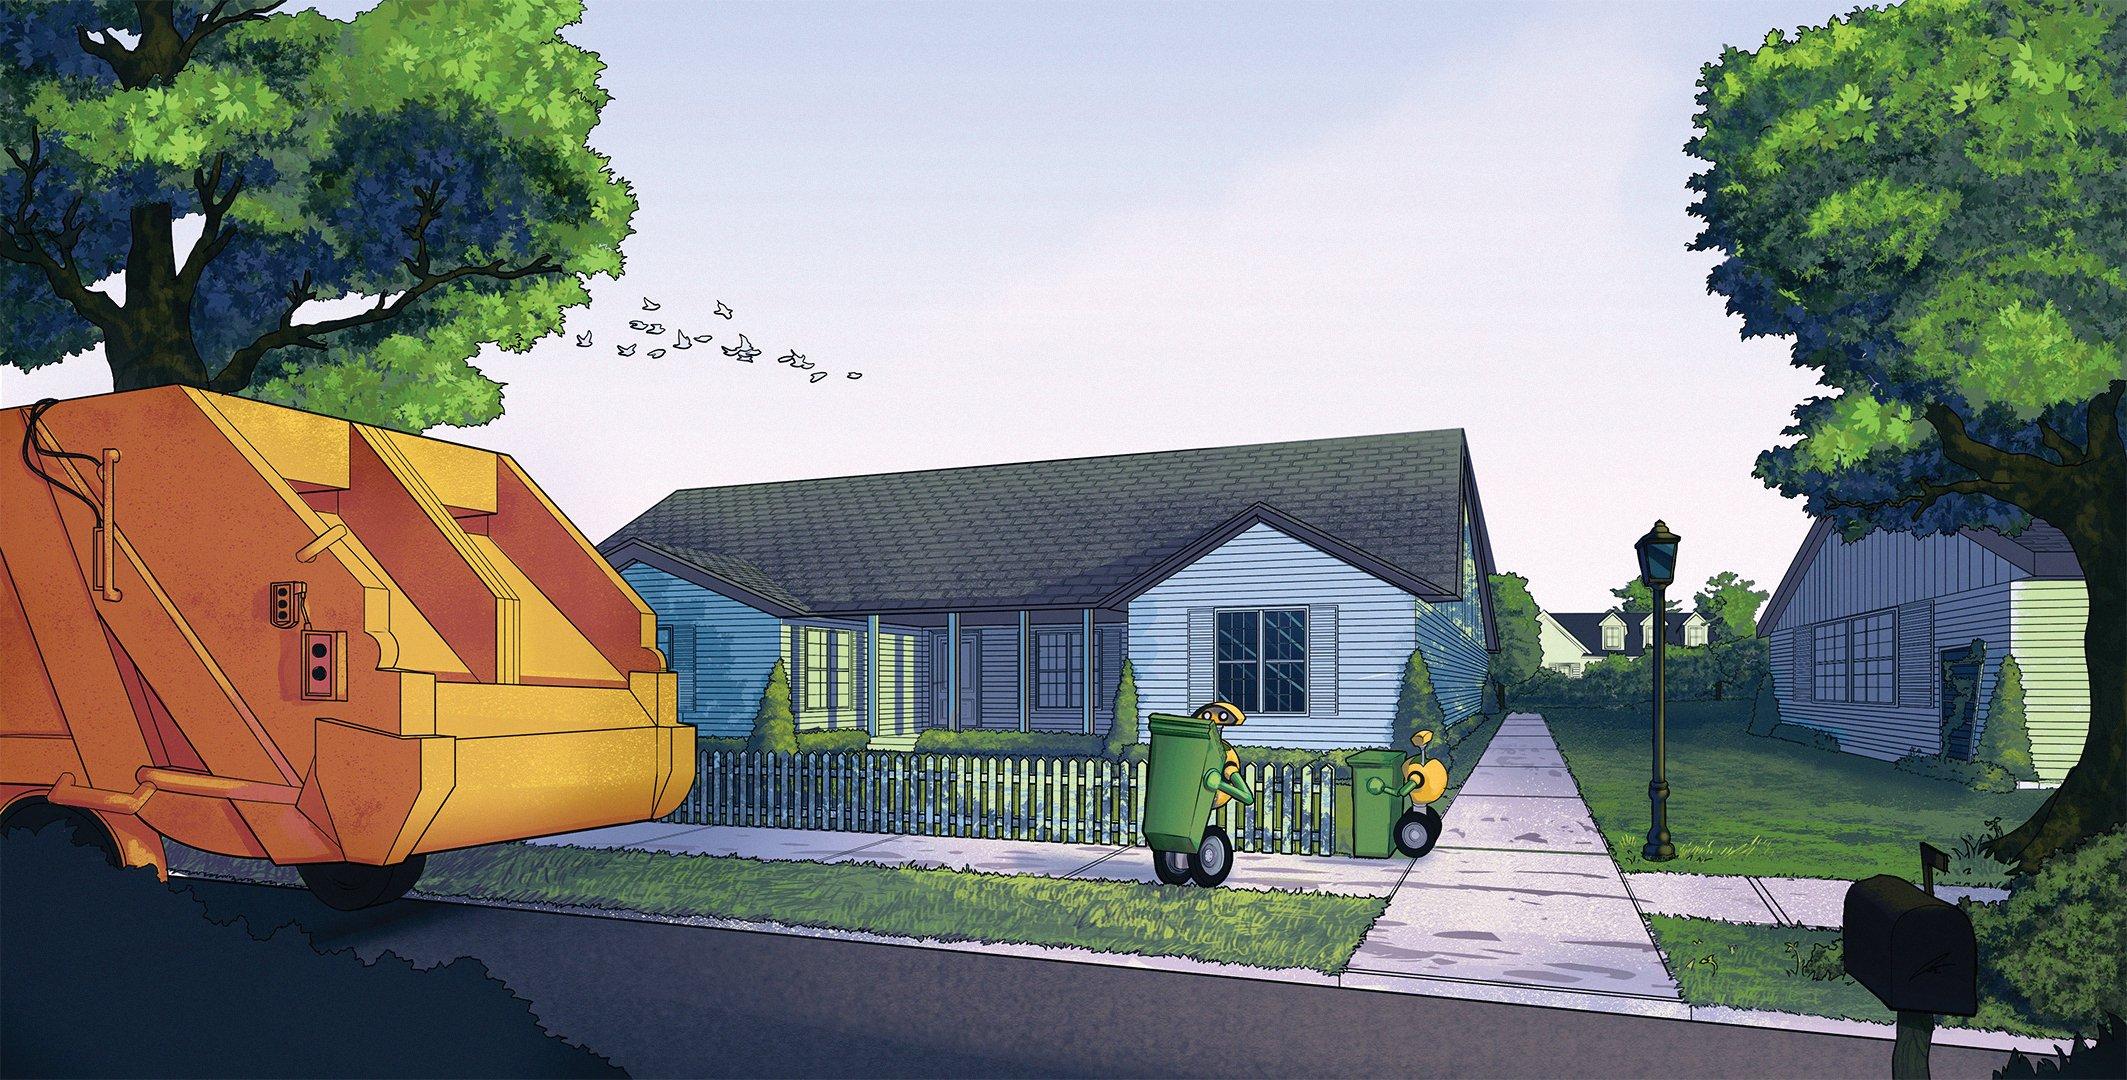 Bessere Bilder hat Volvo nicht zu bieten: Einer Kinderzeichnung gleicht die Illustration, mit der Volvo seine Müllroboter vorstellt.